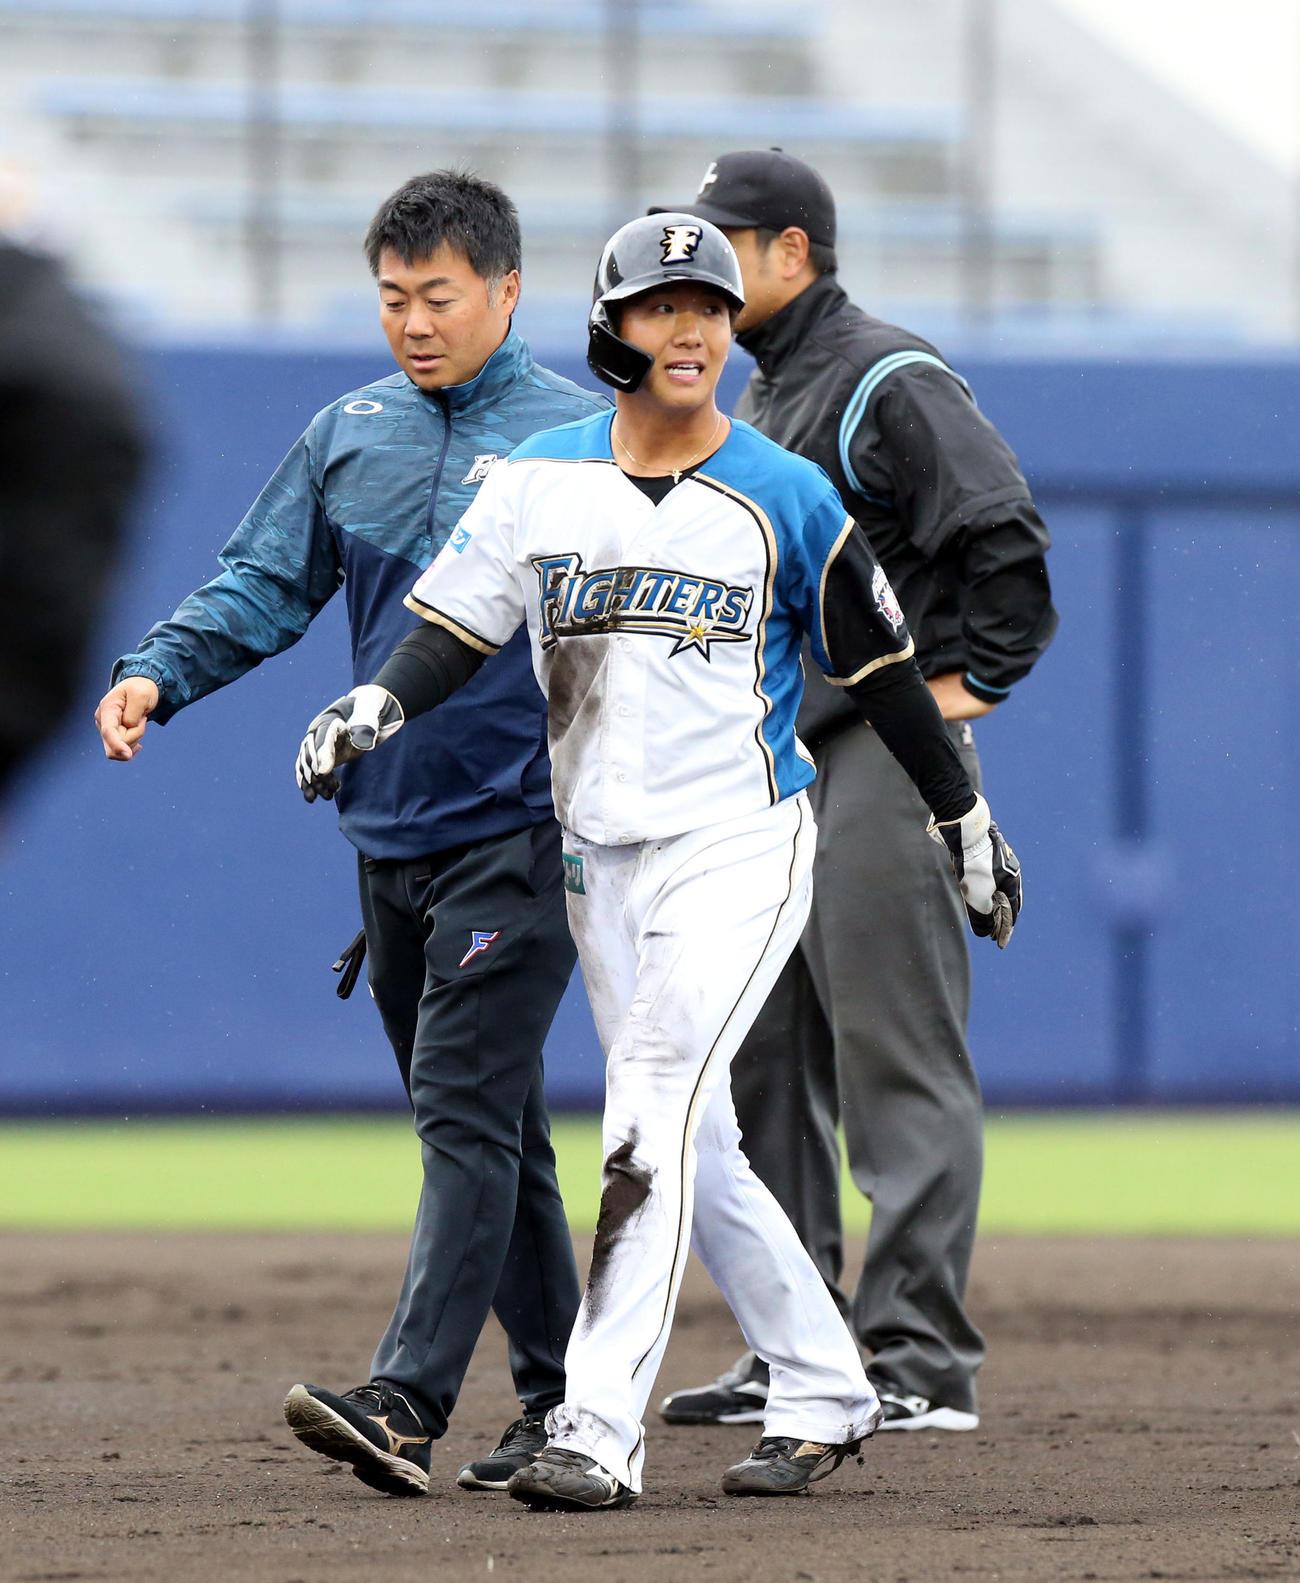 日本ハム対サムスン 8回裏日本ハム無死一塁、盗塁を決めるもベンチに戻る平沼(撮影・佐藤翔太)